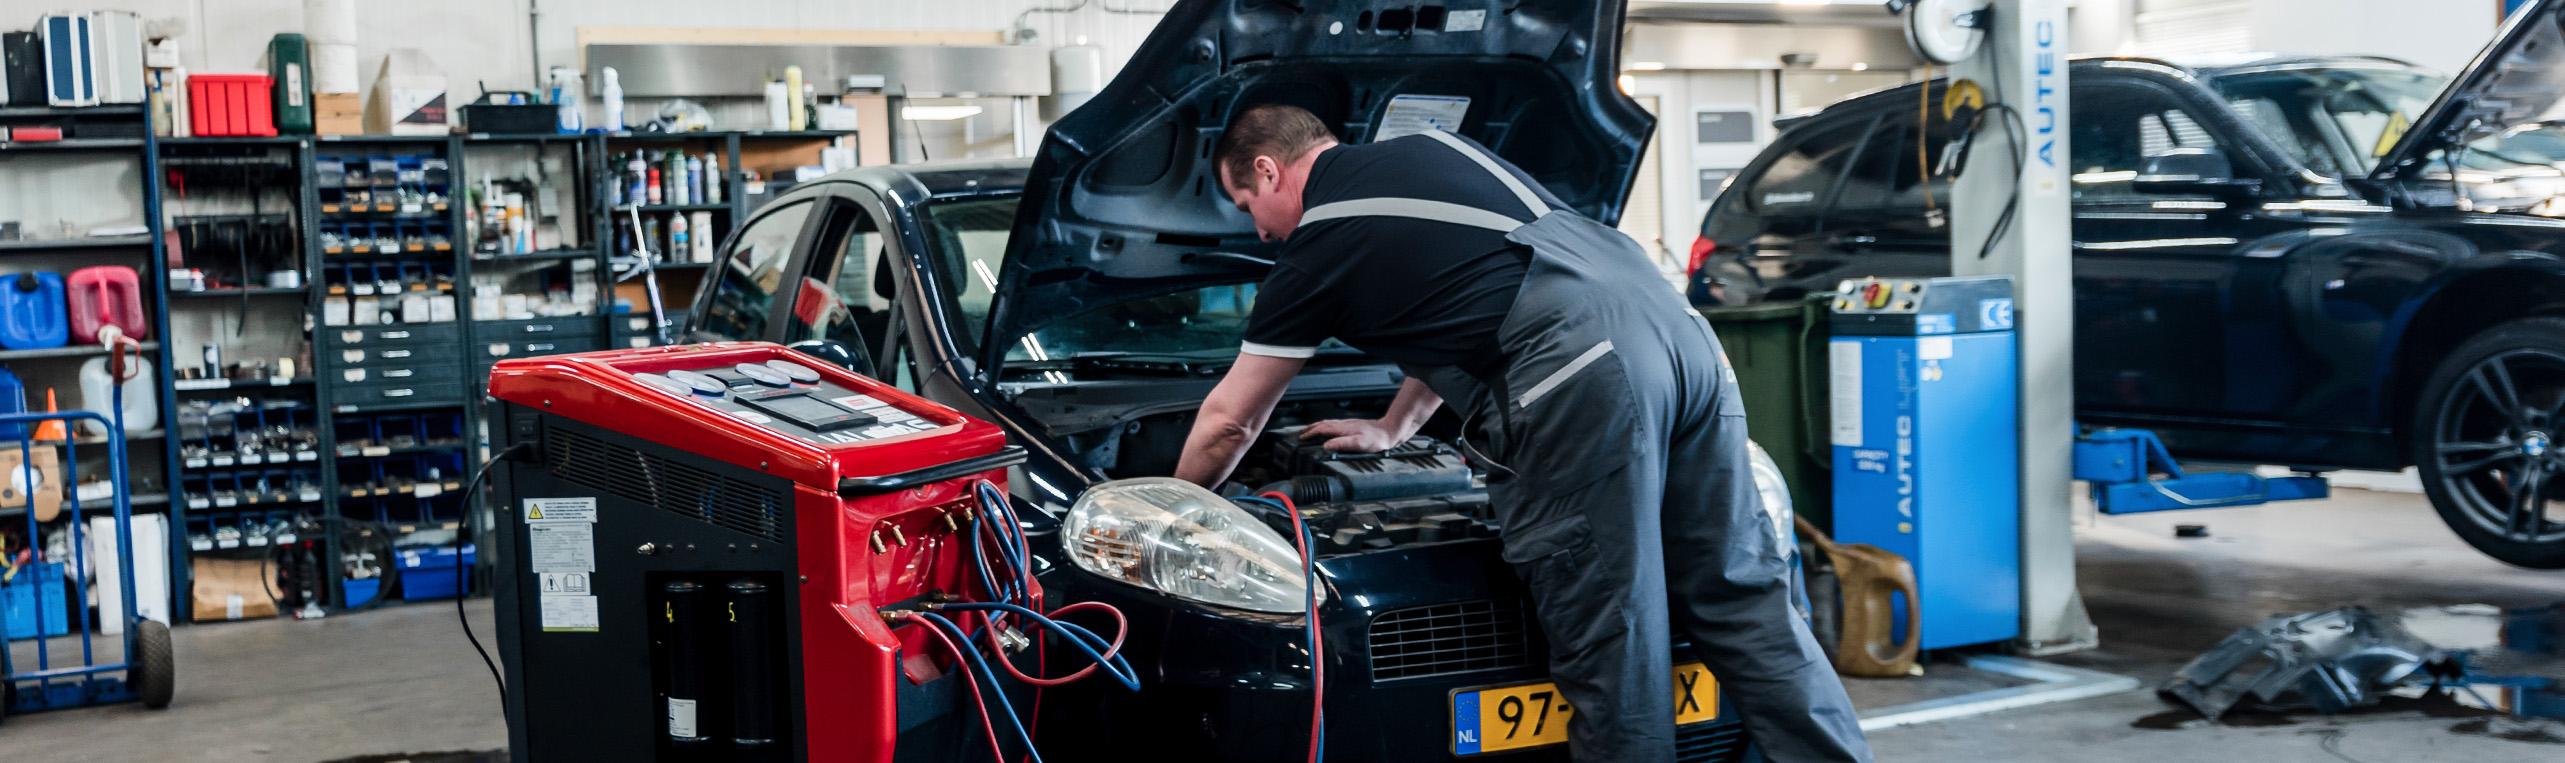 Airco service bij Autobedrijf Schuurmans